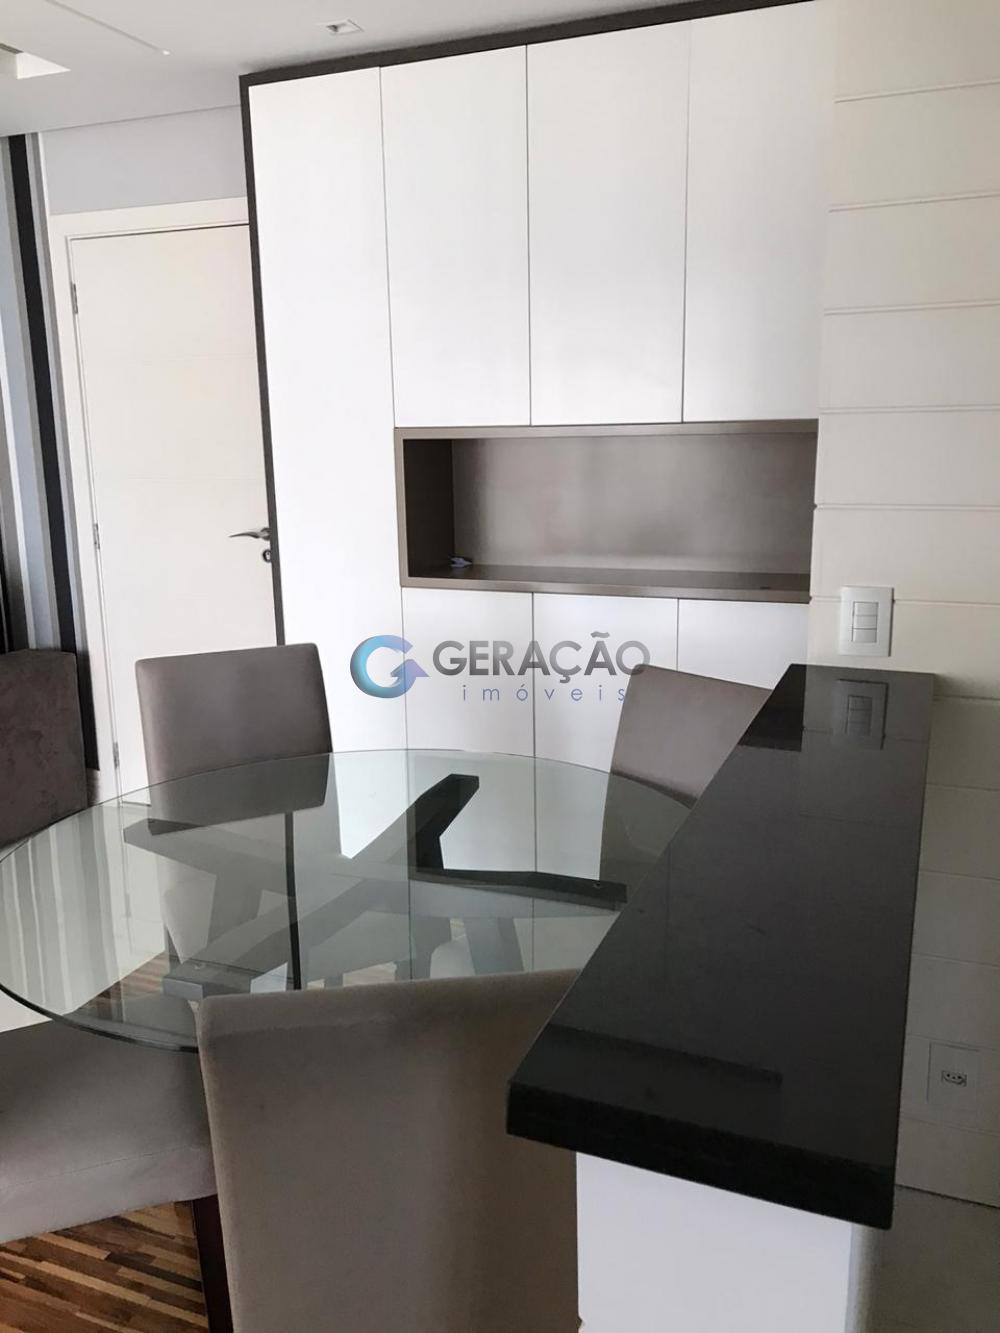 Alugar Apartamento / Padrão em São José dos Campos apenas R$ 2.500,00 - Foto 24